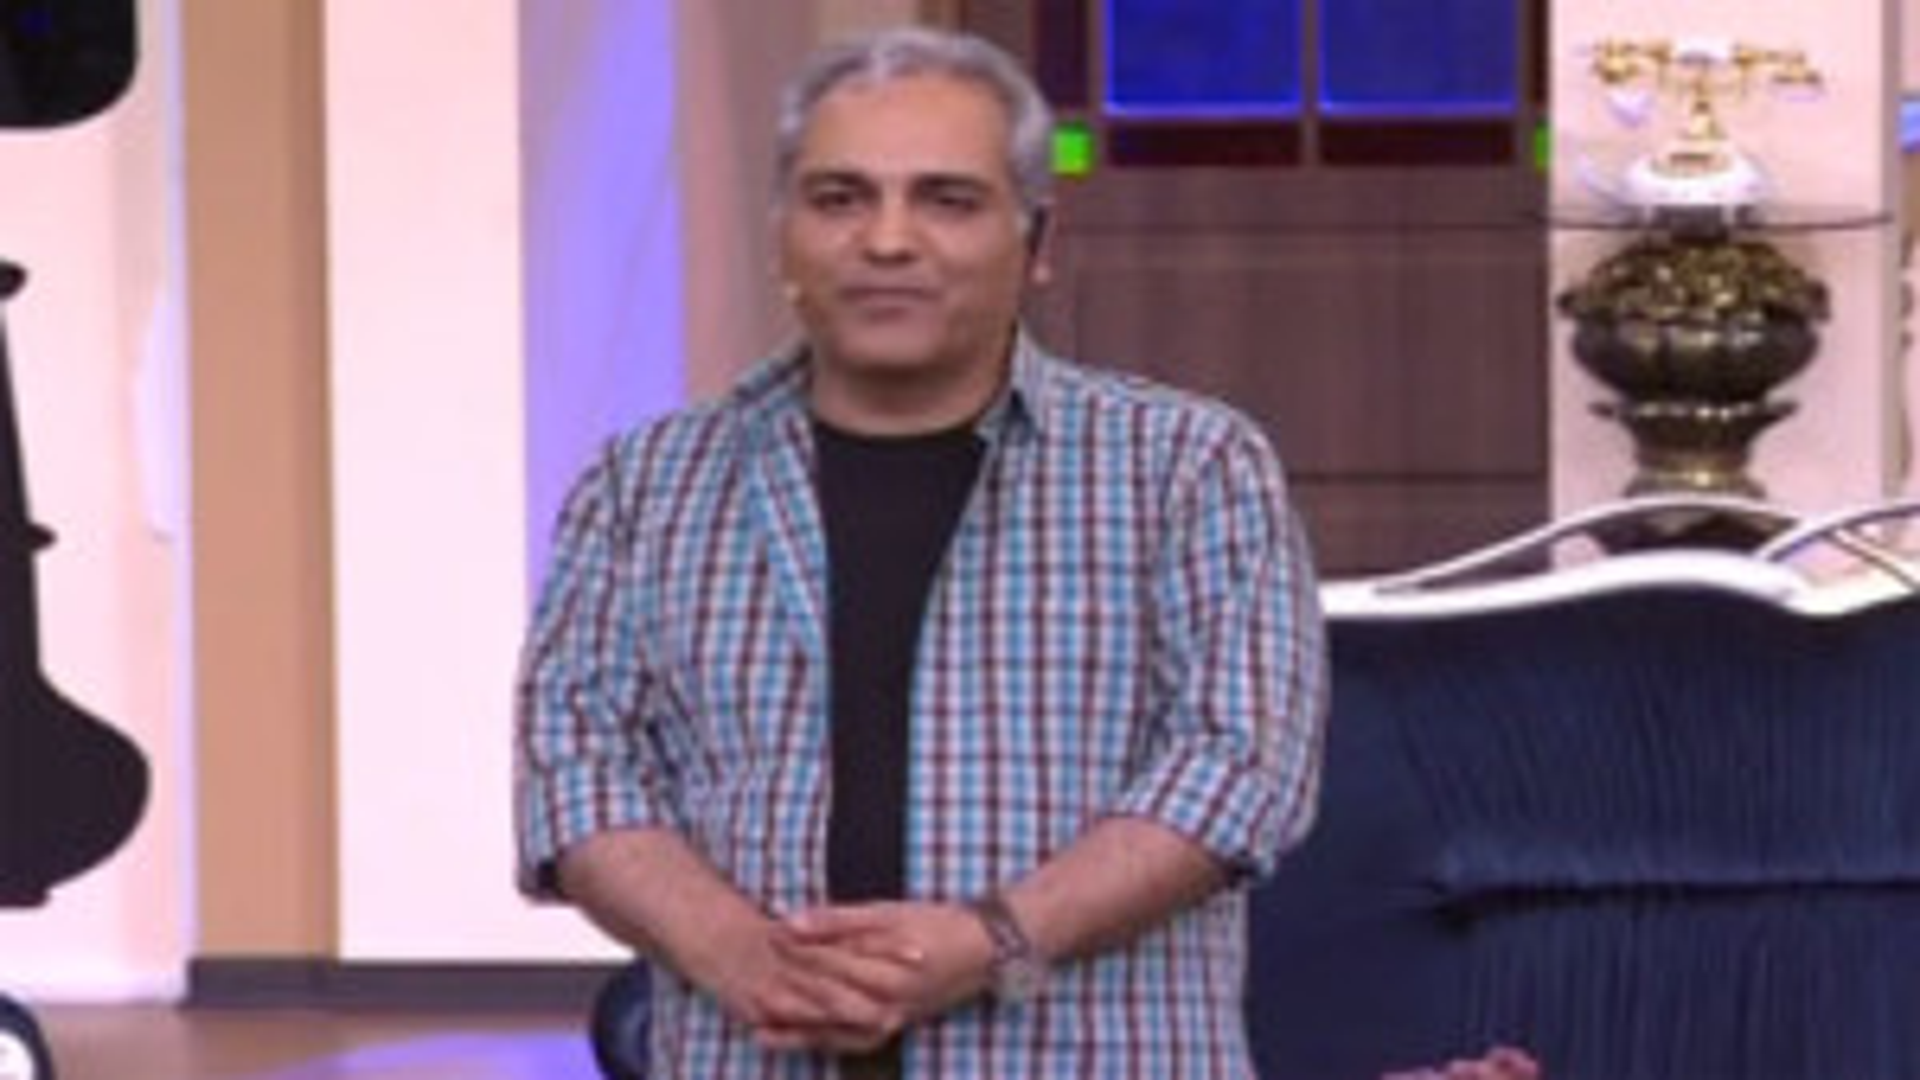 استندآپ کمدی مهران مدیری مشکلات ساخت و ساز + فیلم